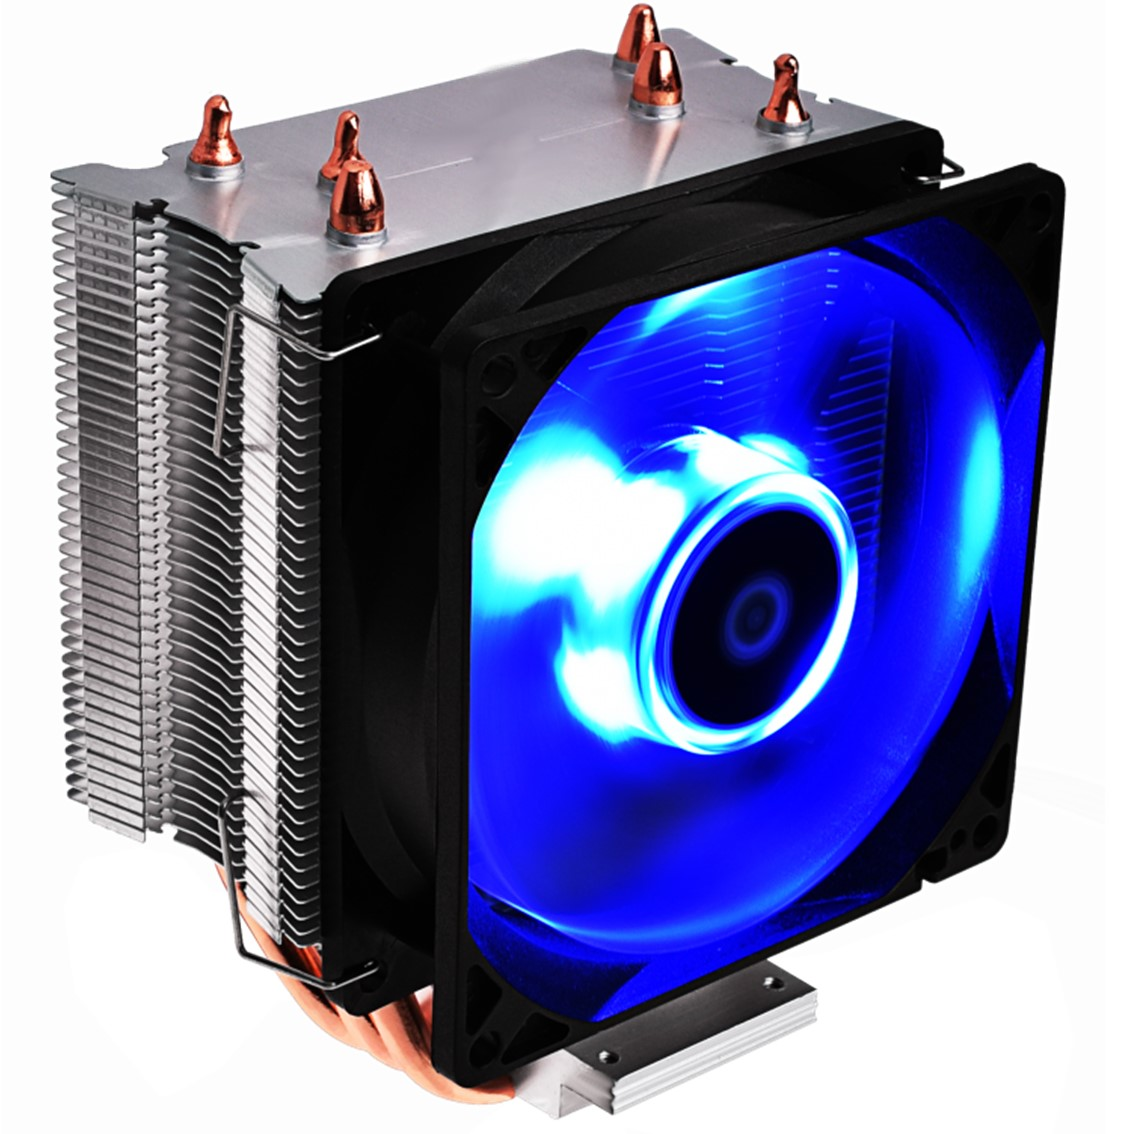 Ventilador disipador coolbox deep twister iii gaming led azul  para intel y amd